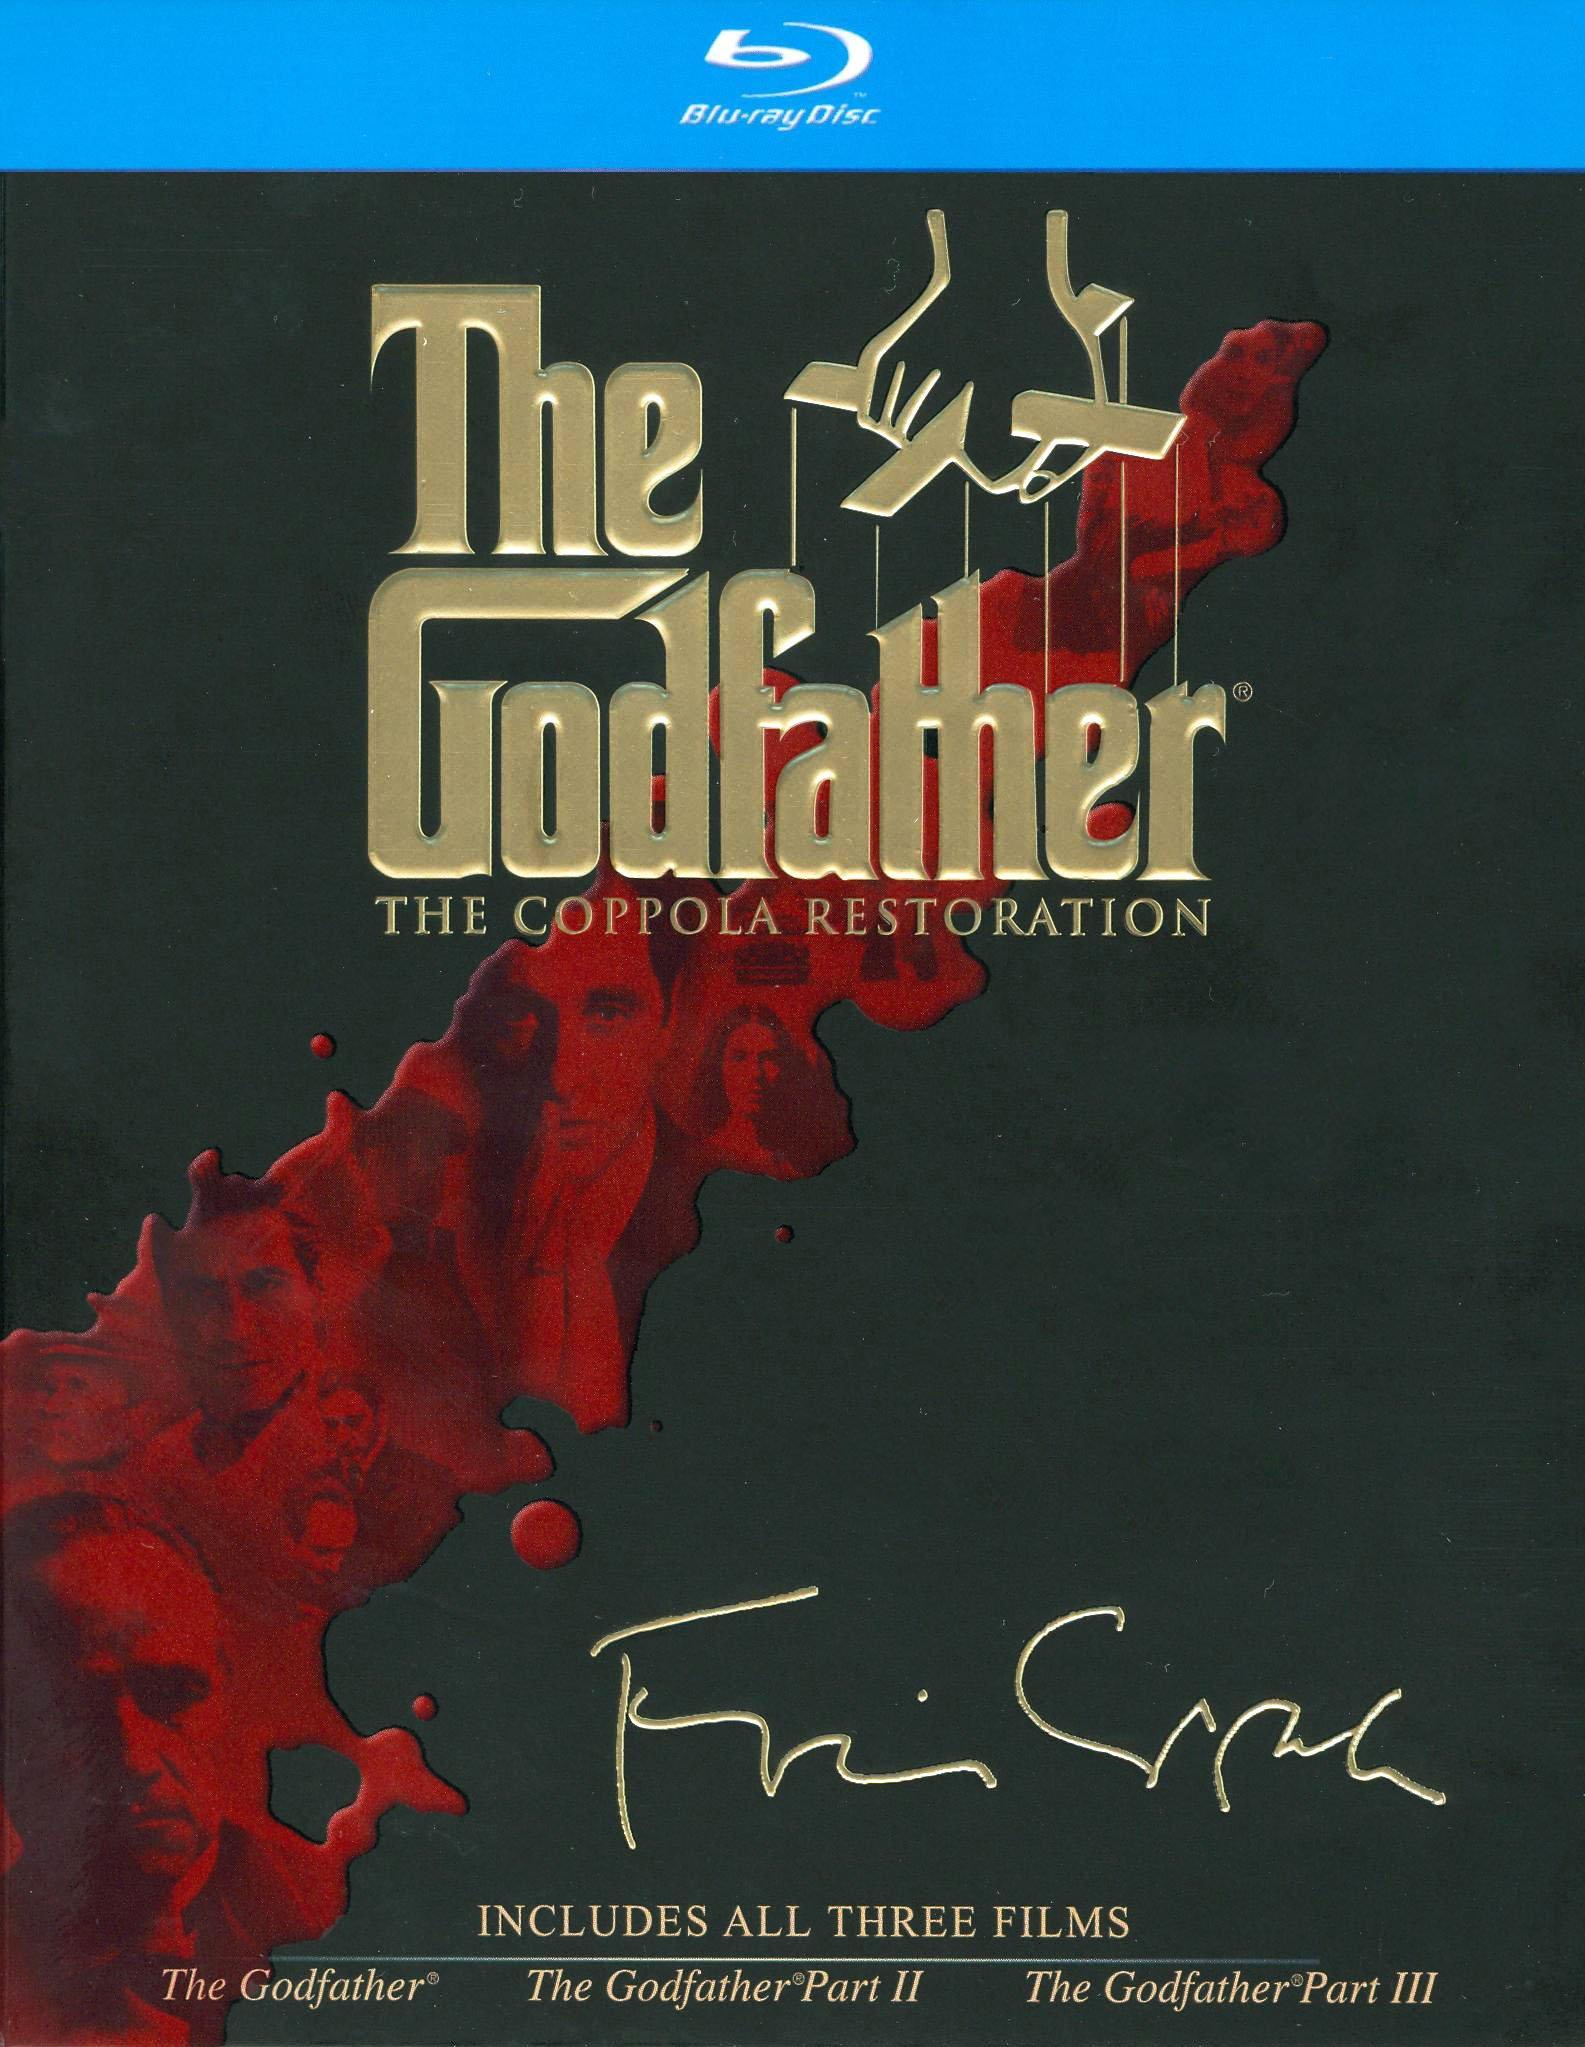 The Godfather III GREAT Door Poster